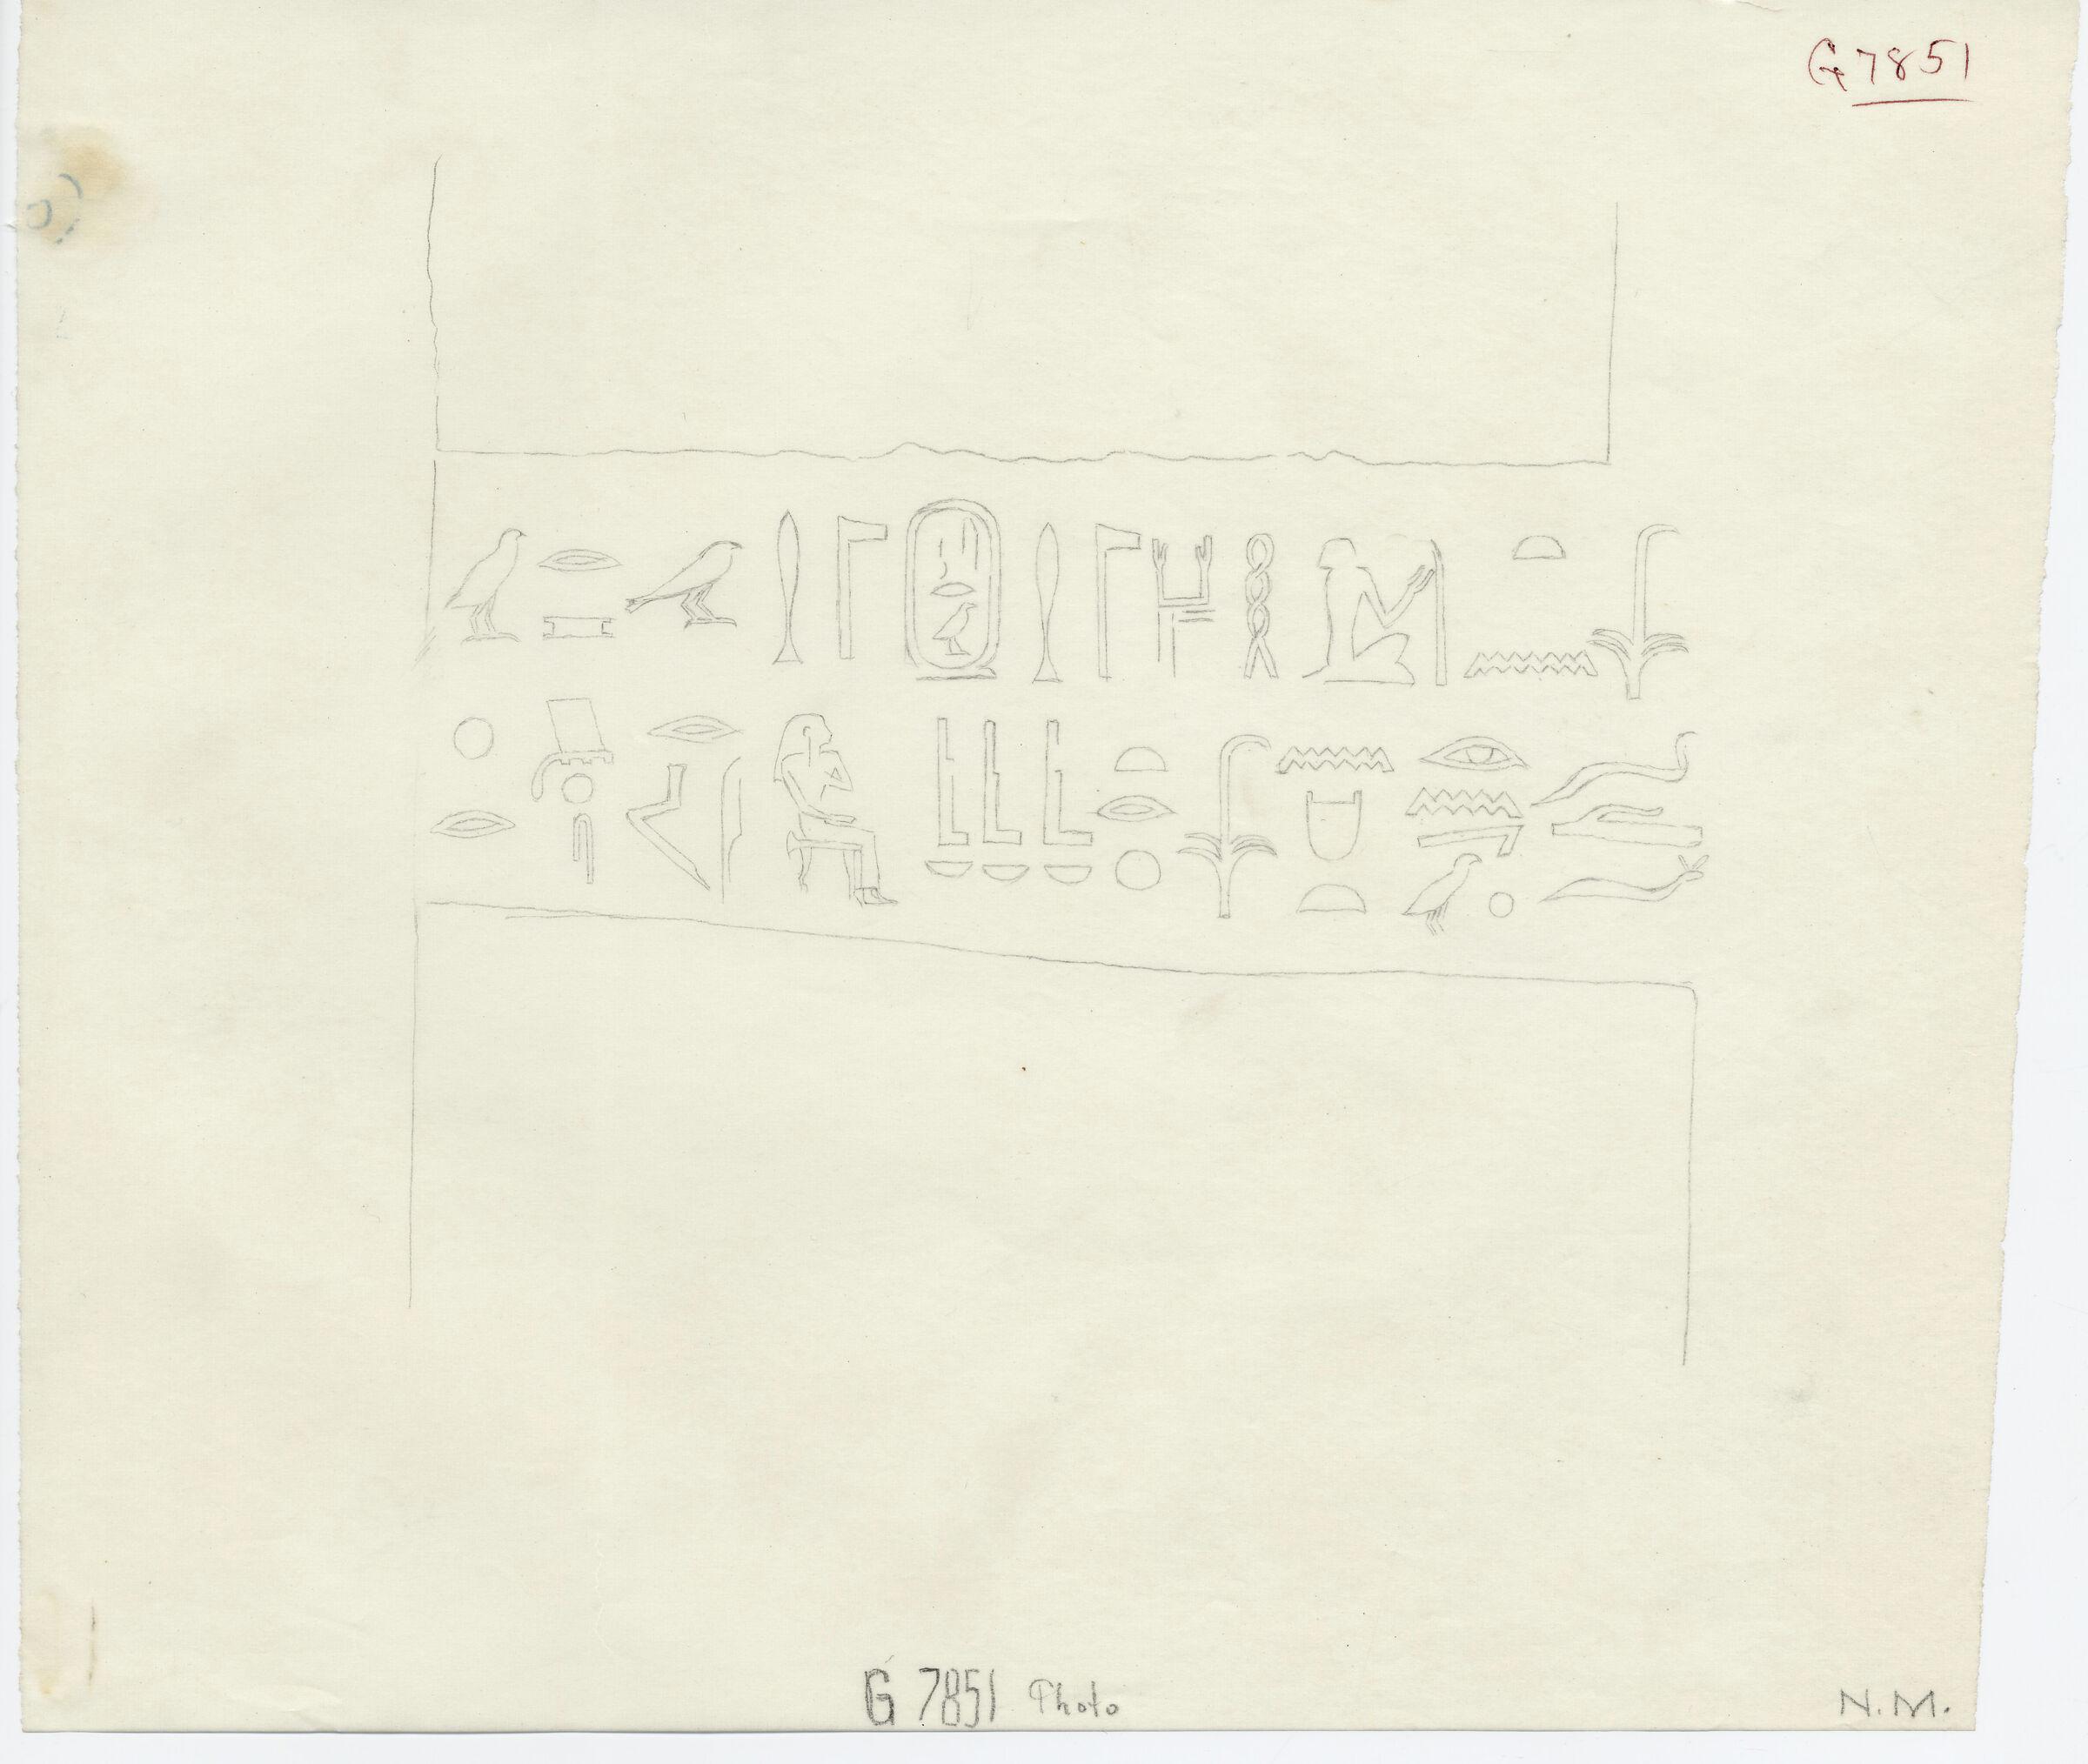 Drawings: G 7851: lintel